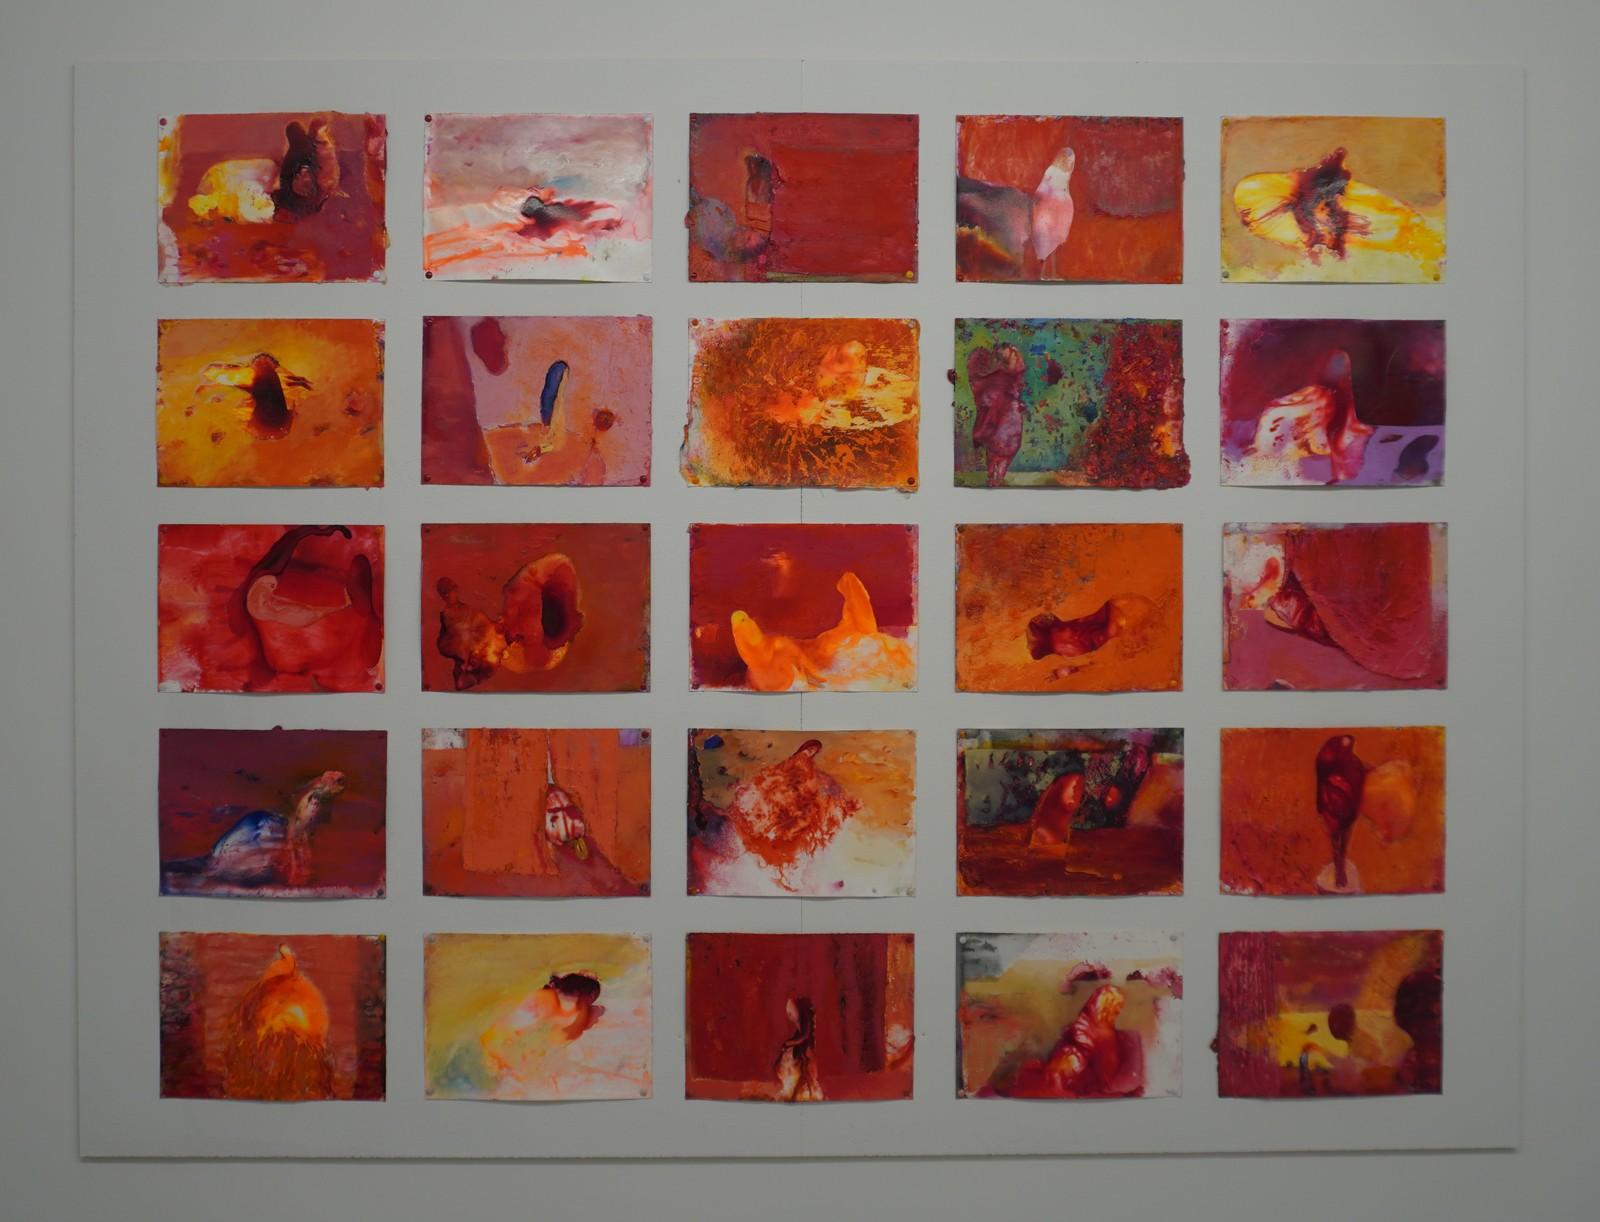 Penny Siopis - galerie Stevenson